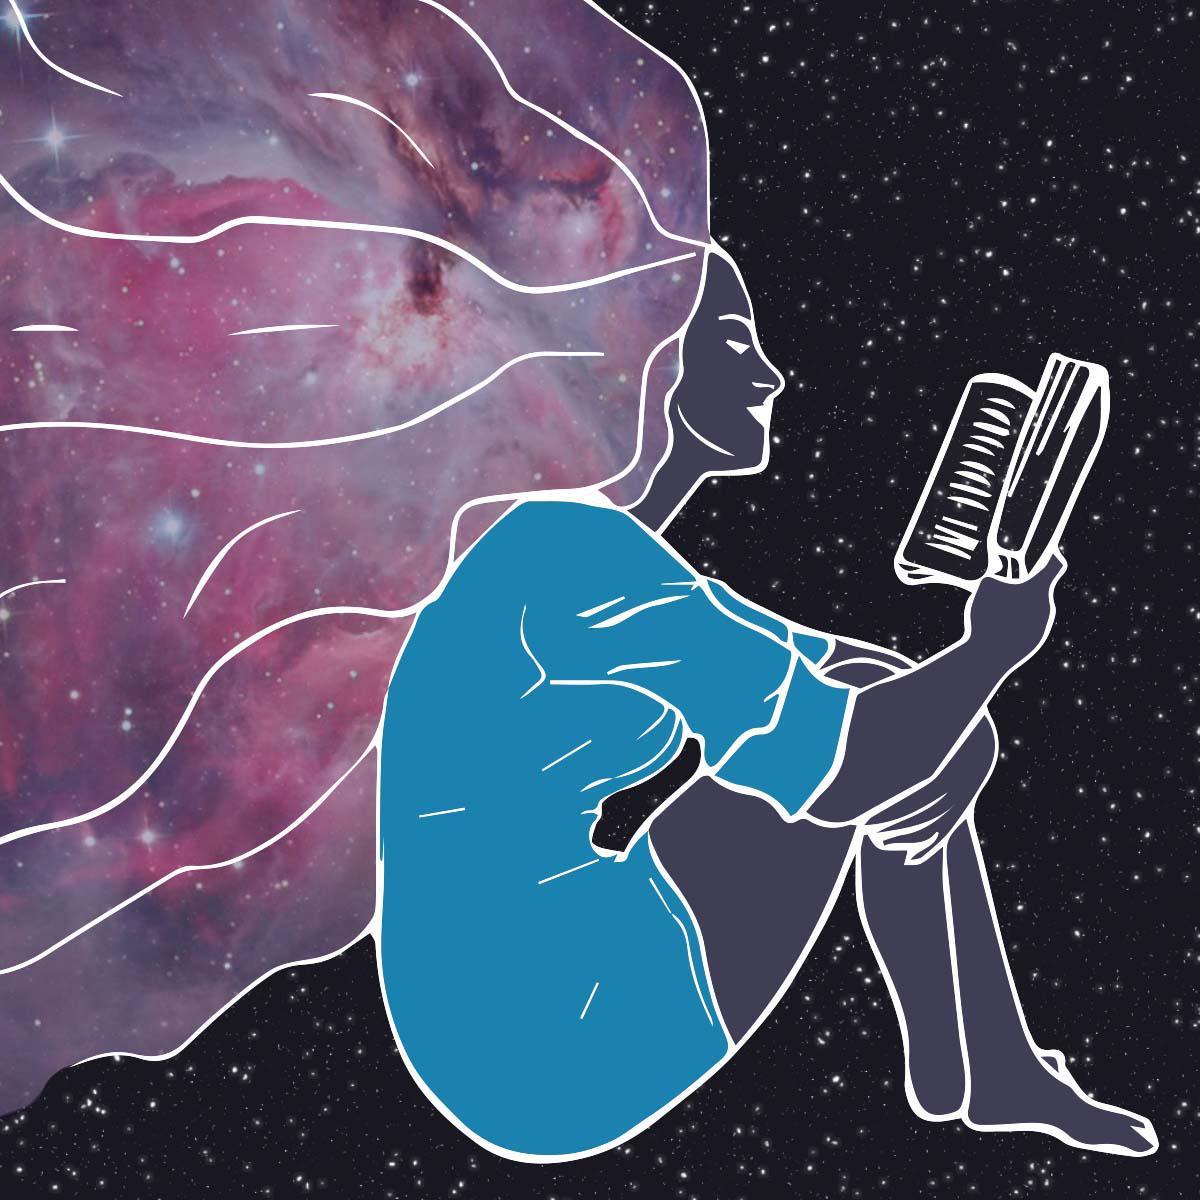 Joven leyendo con un libro en las manos, fondo de galaxia donde su pelo violeta se mezcla